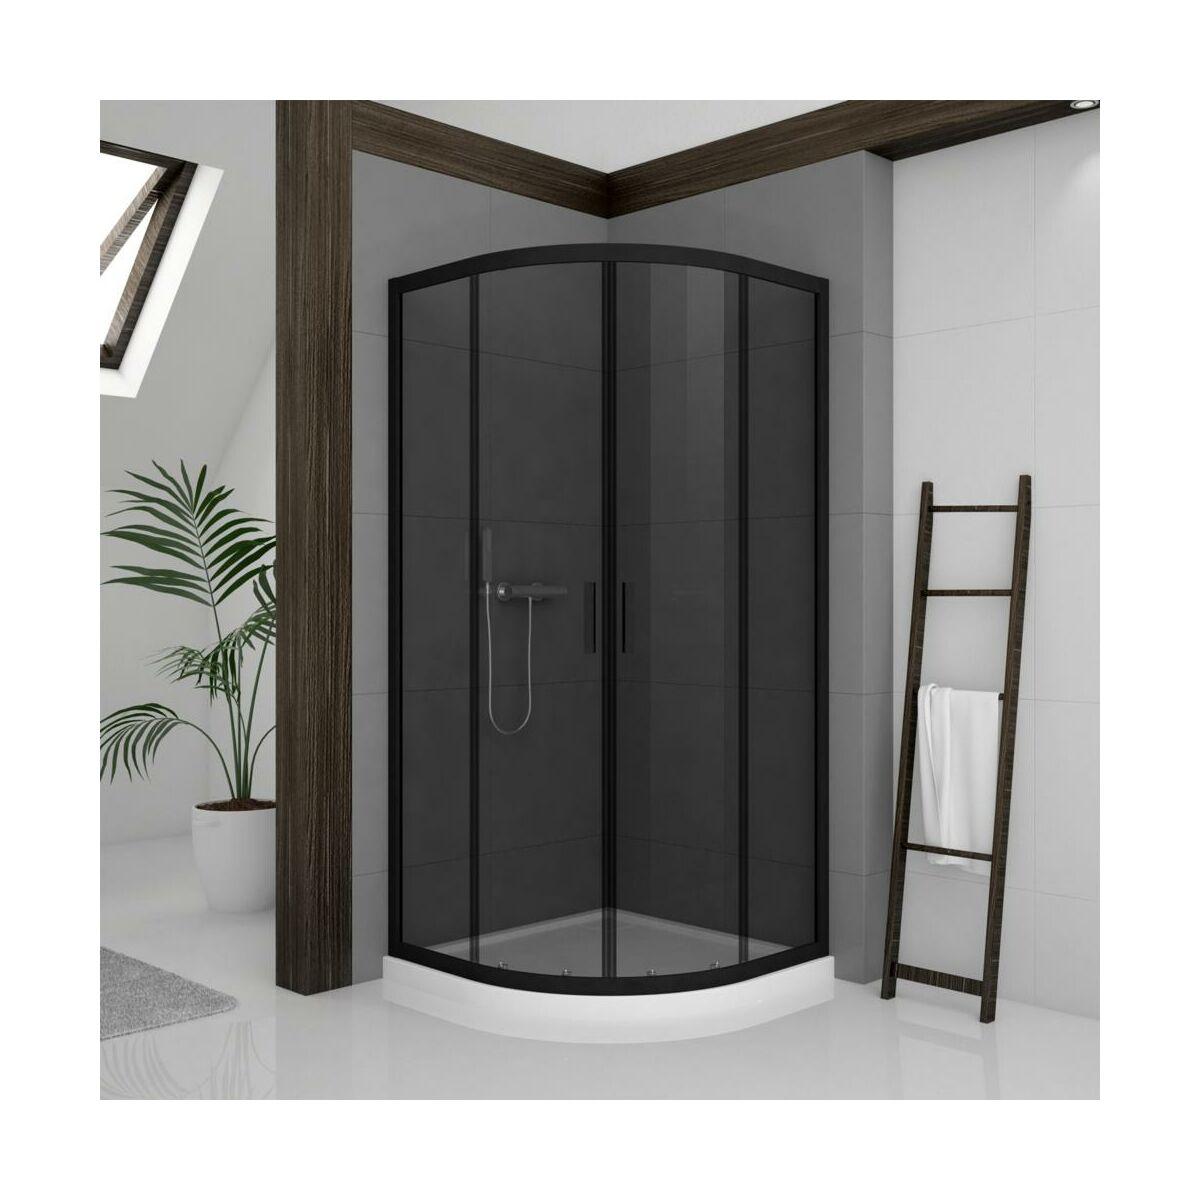 Kabina Prysznicowa 90 X 90 Cm Wellneo Luxen Kabiny Prysznicowe W Atrakcyjnej Cenie W Sklepach Leroy Merlin